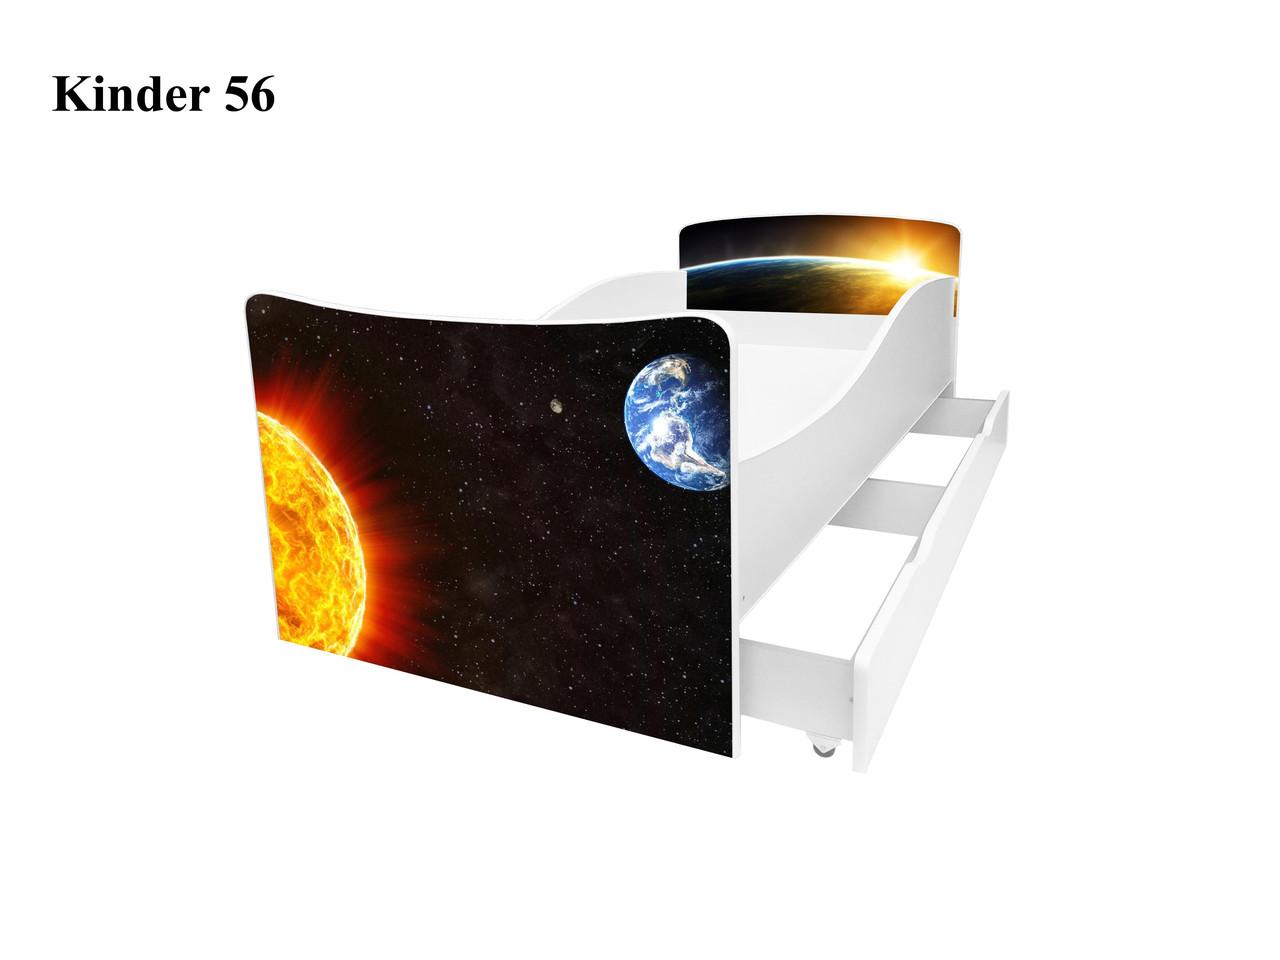 Детская кровать Киндер 56. Космос.